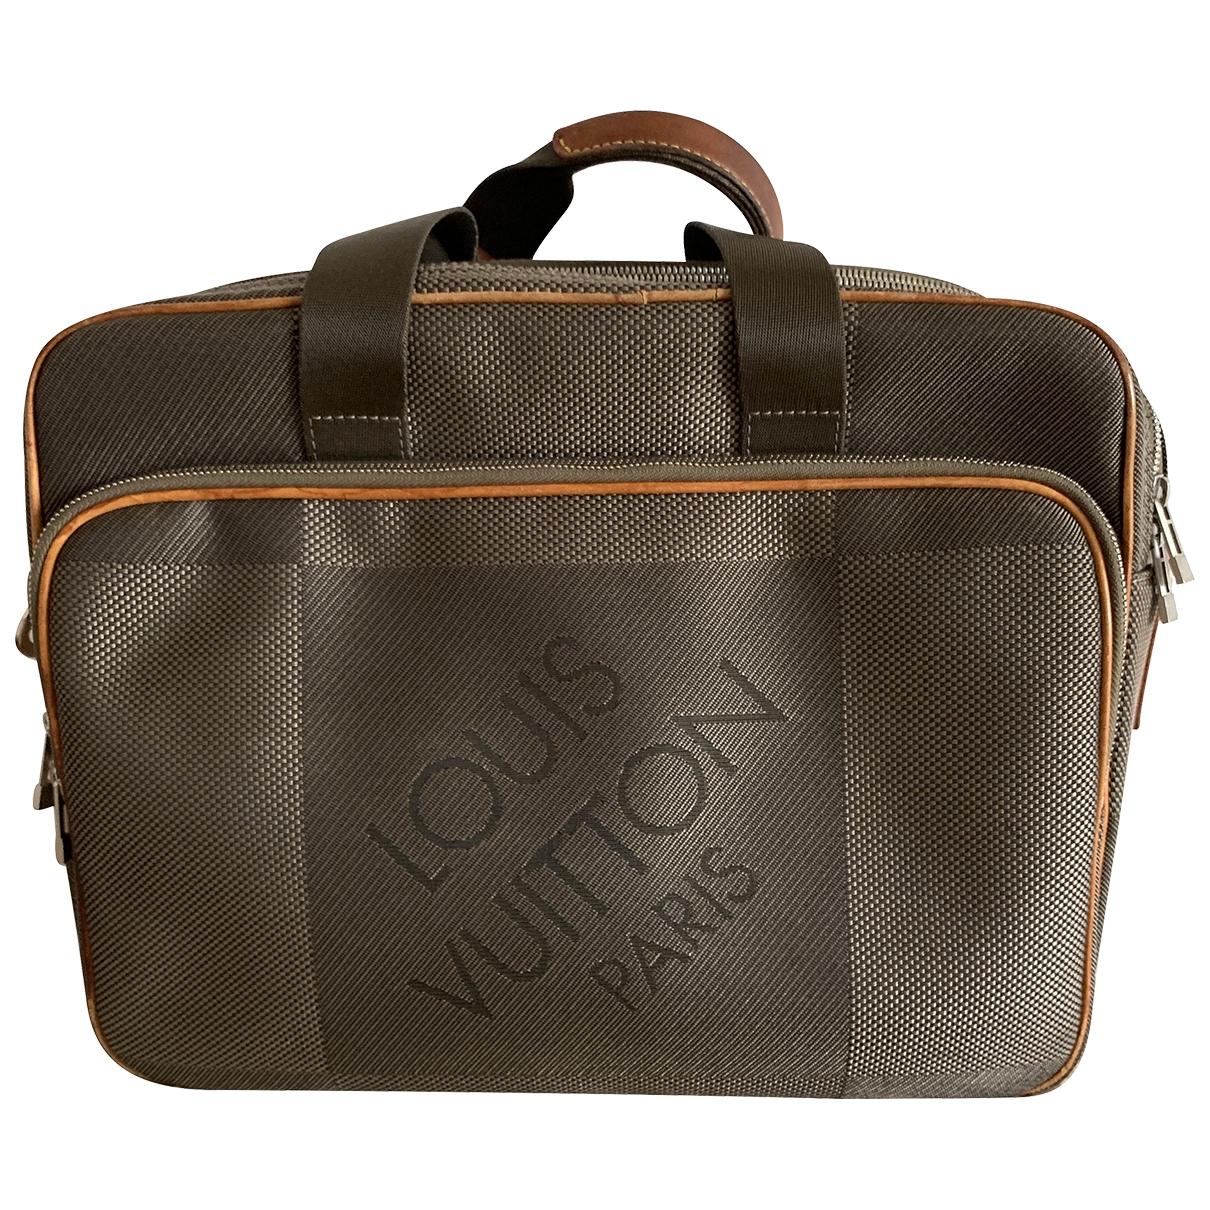 Louis Vuitton \N Taschen in  Braun Leinen